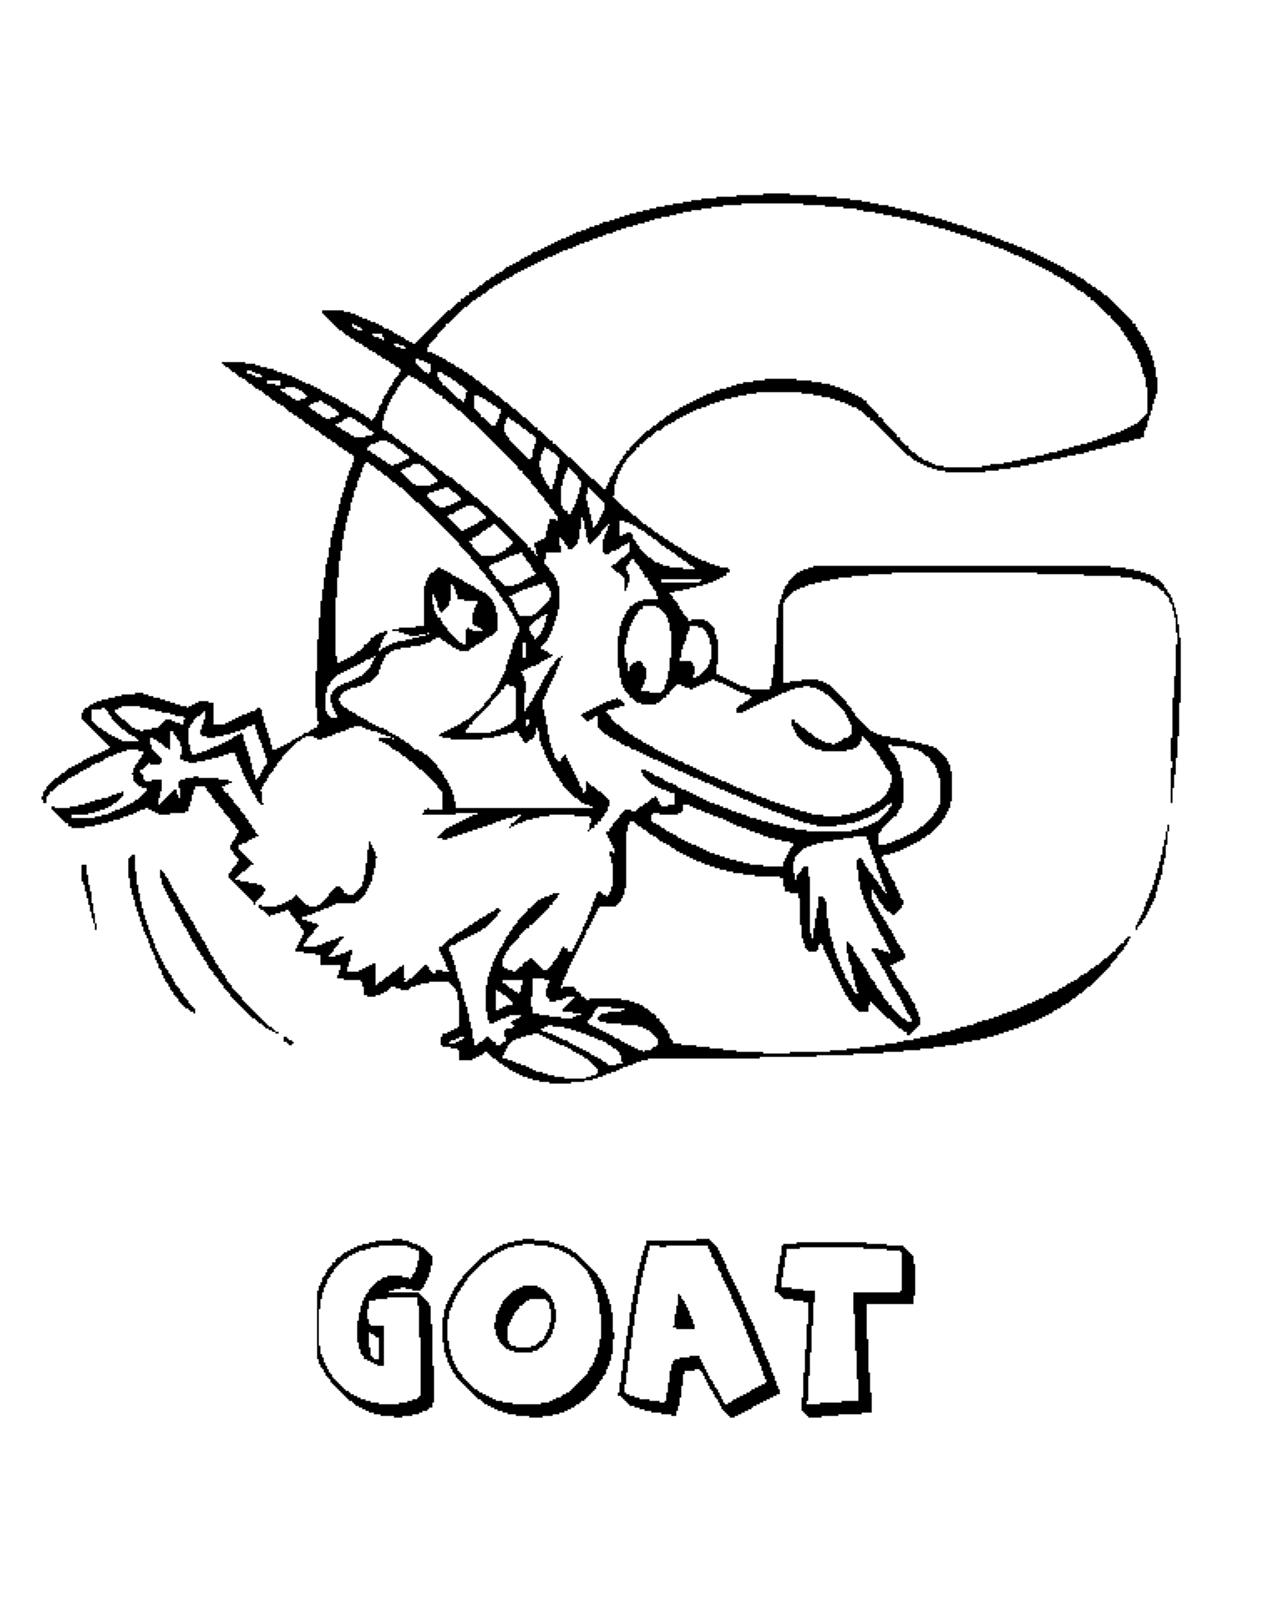 Coloring Pages Alphabet Animal Farm Goat - VoteForVerde.com ...